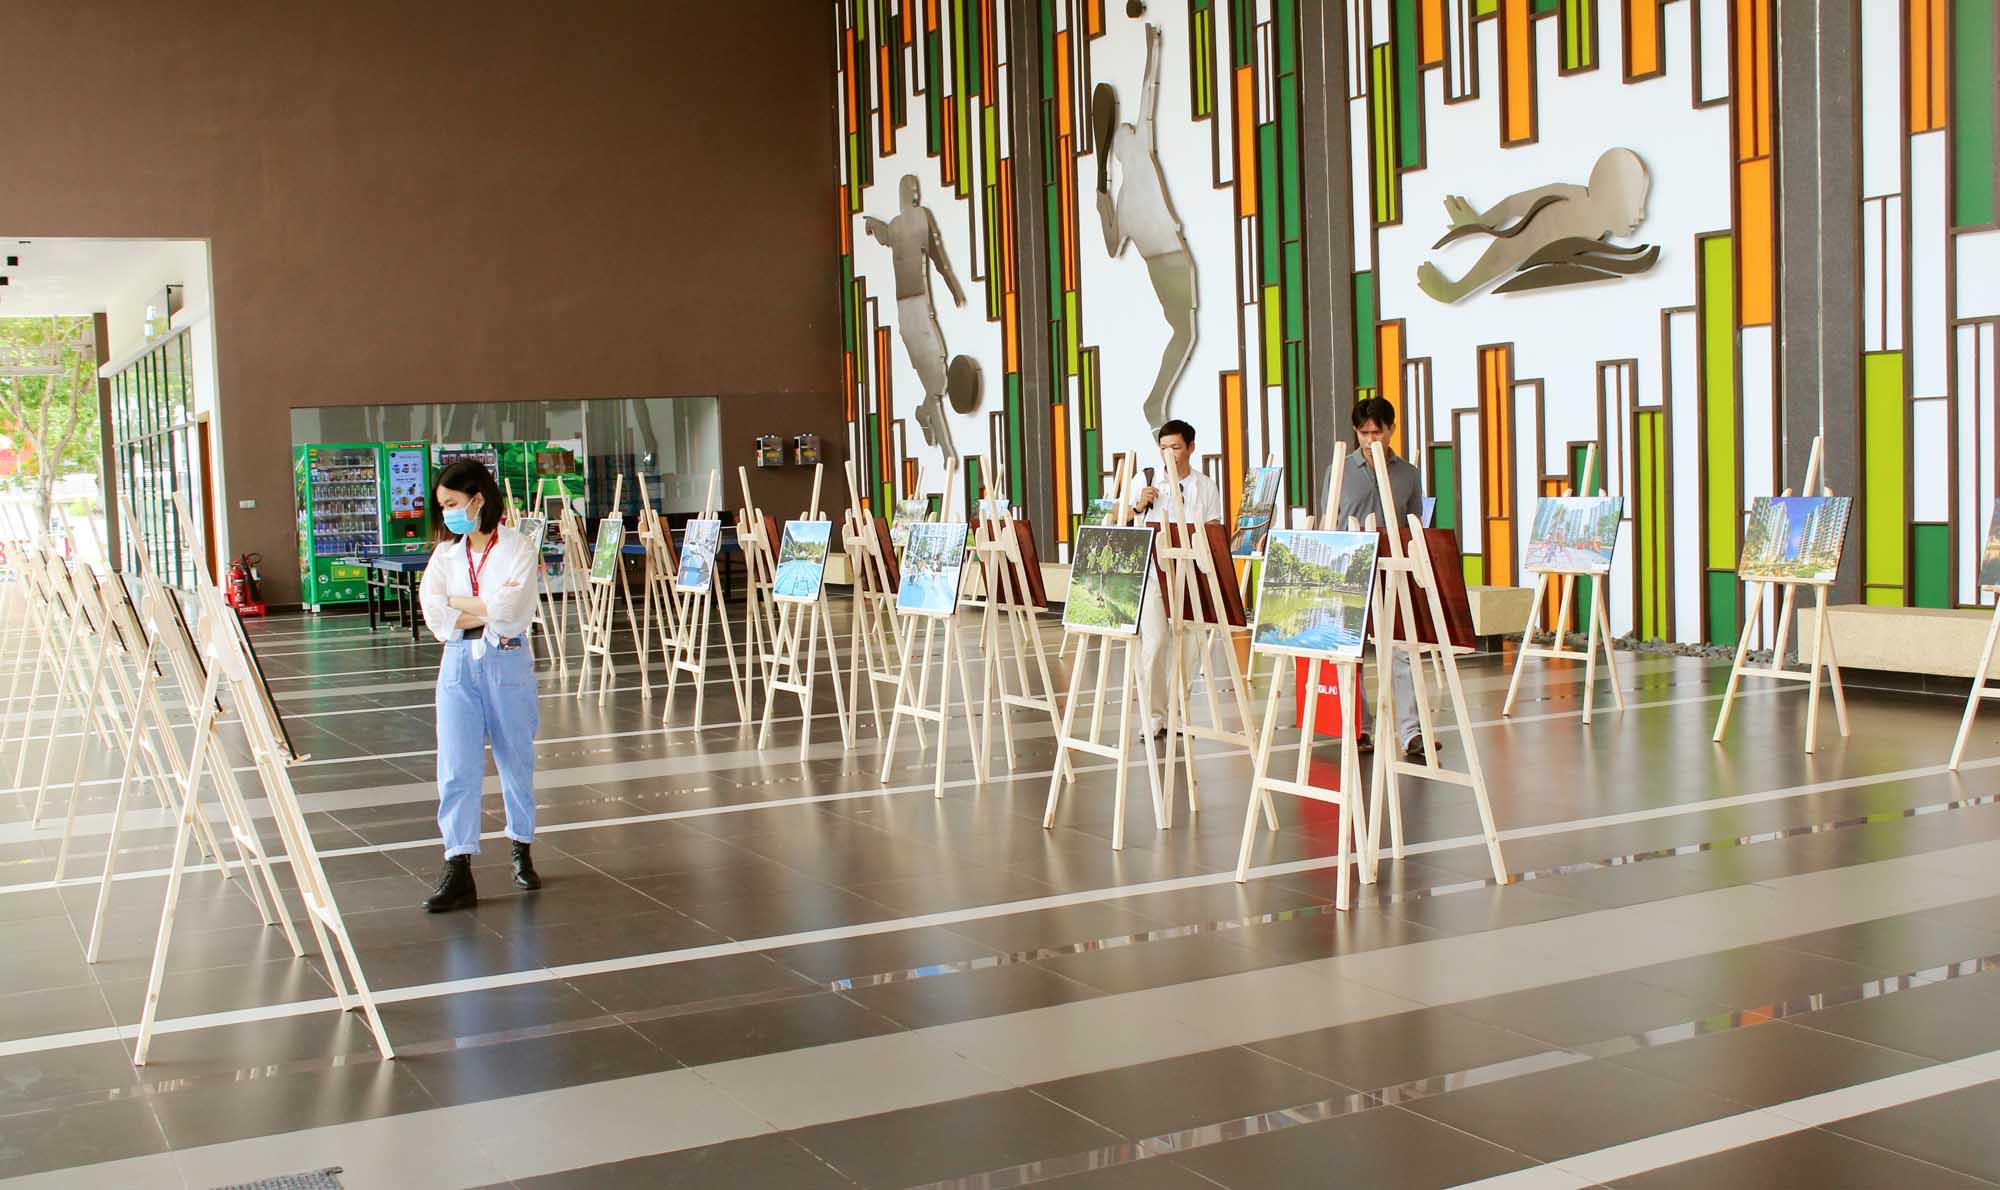 21 bức ảnh xuất sắc được trao giải nhiếp ảnh kiến trúc, đời sống đô thị - Ảnh 8.